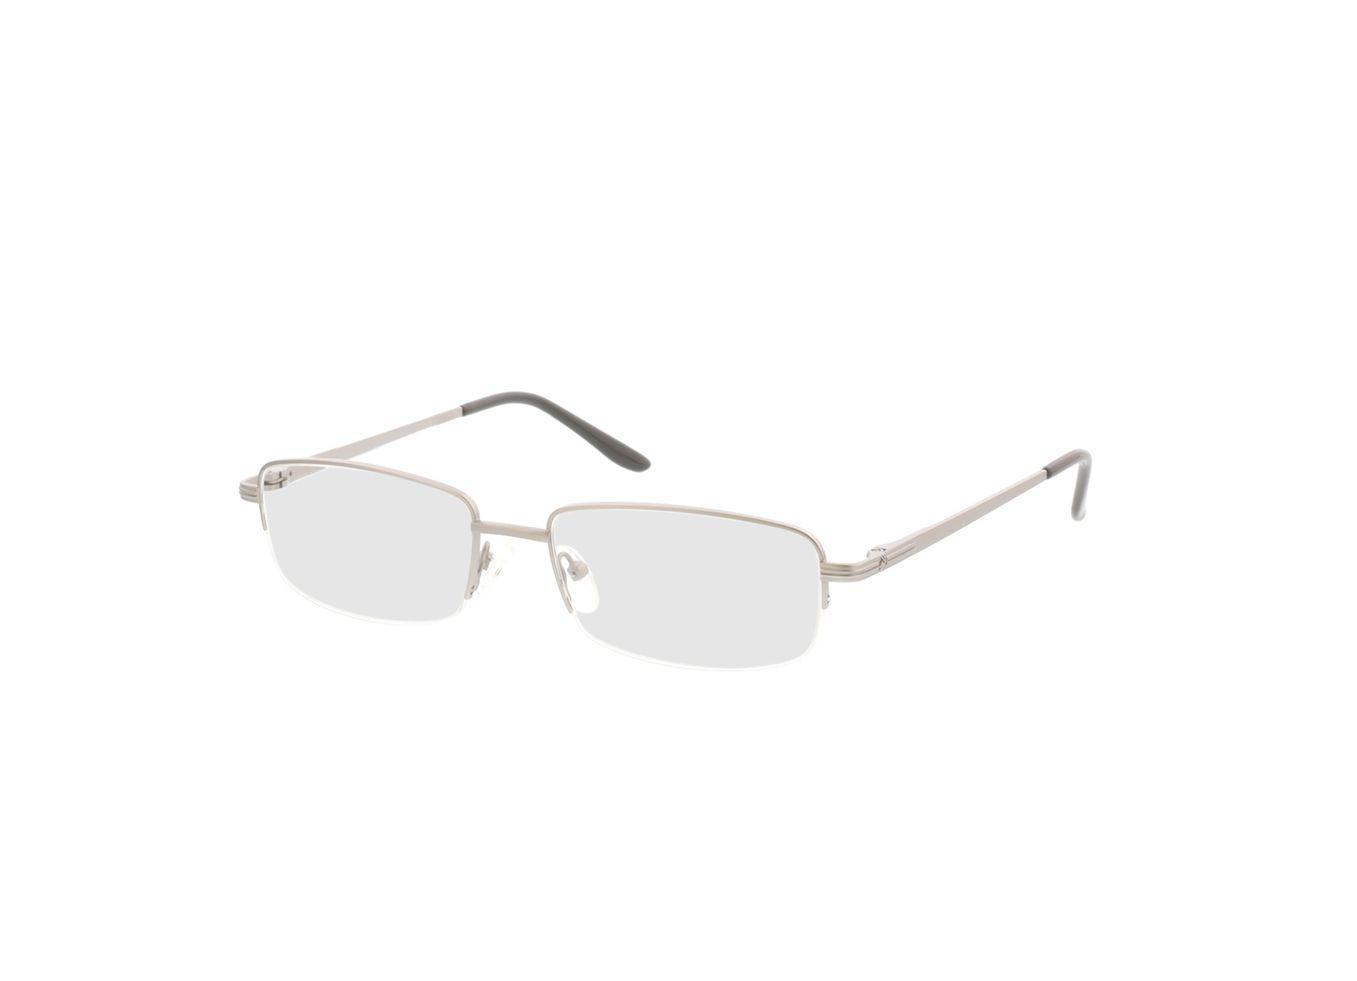 4250325292857-singlevision-0000 Feline-silber Gleitsichtbrille, Halbrand, Dünn OMNIO by Brille24